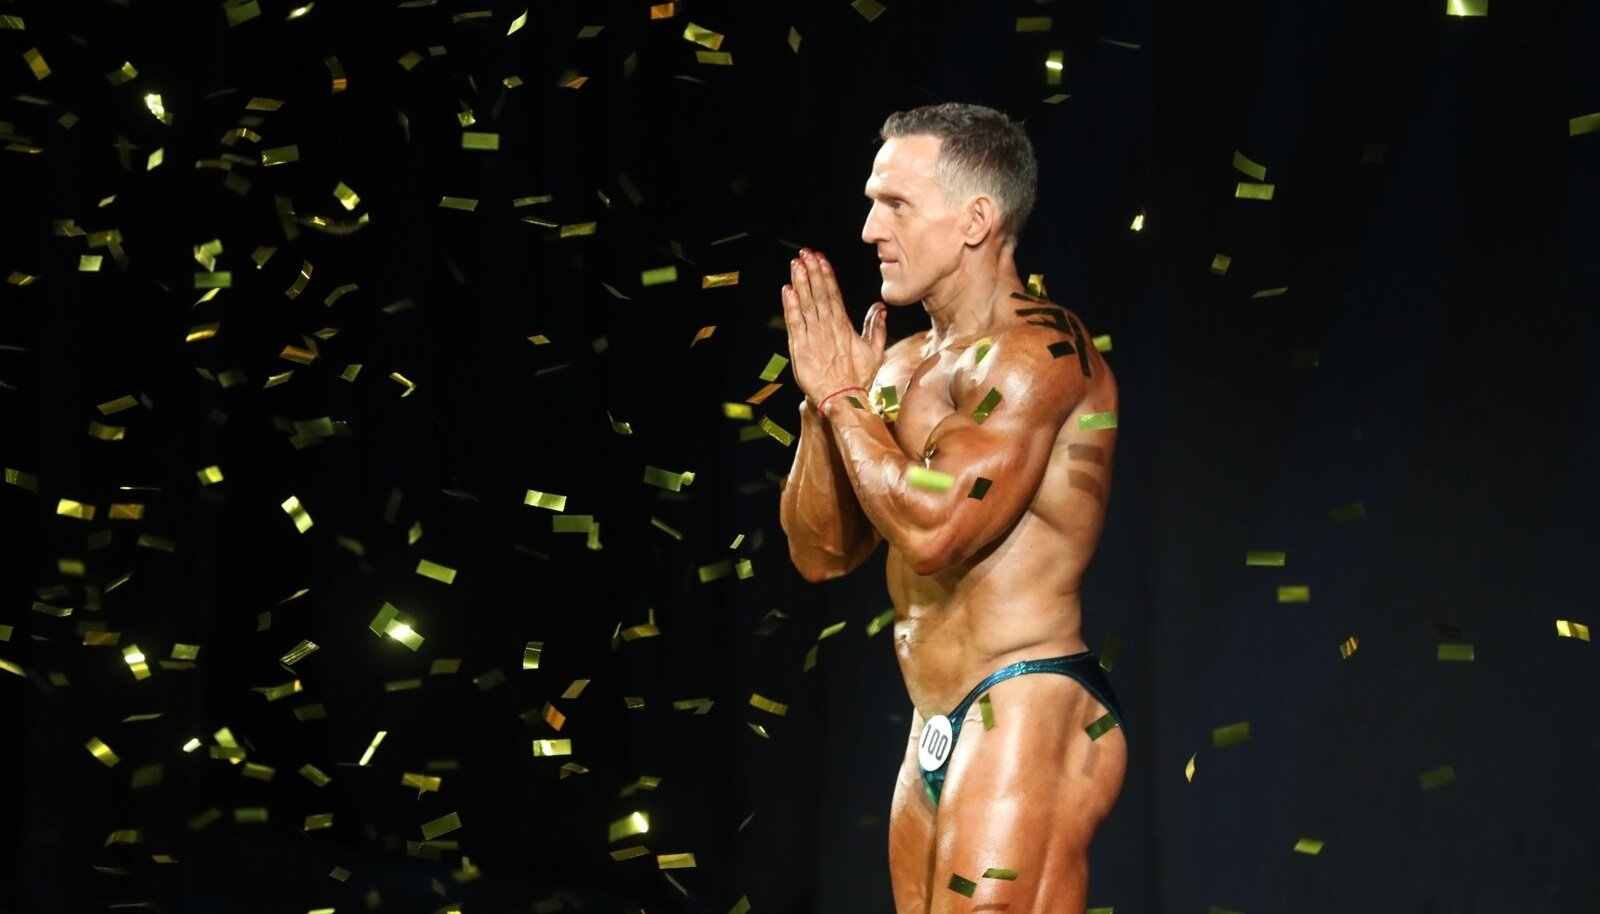 Ott Kiivikas lahkus amatööride seltskonnast tipus ning siirdus profiks, mistõttu ta enam Eesti meistrivõistlustel kaasa ei löö.